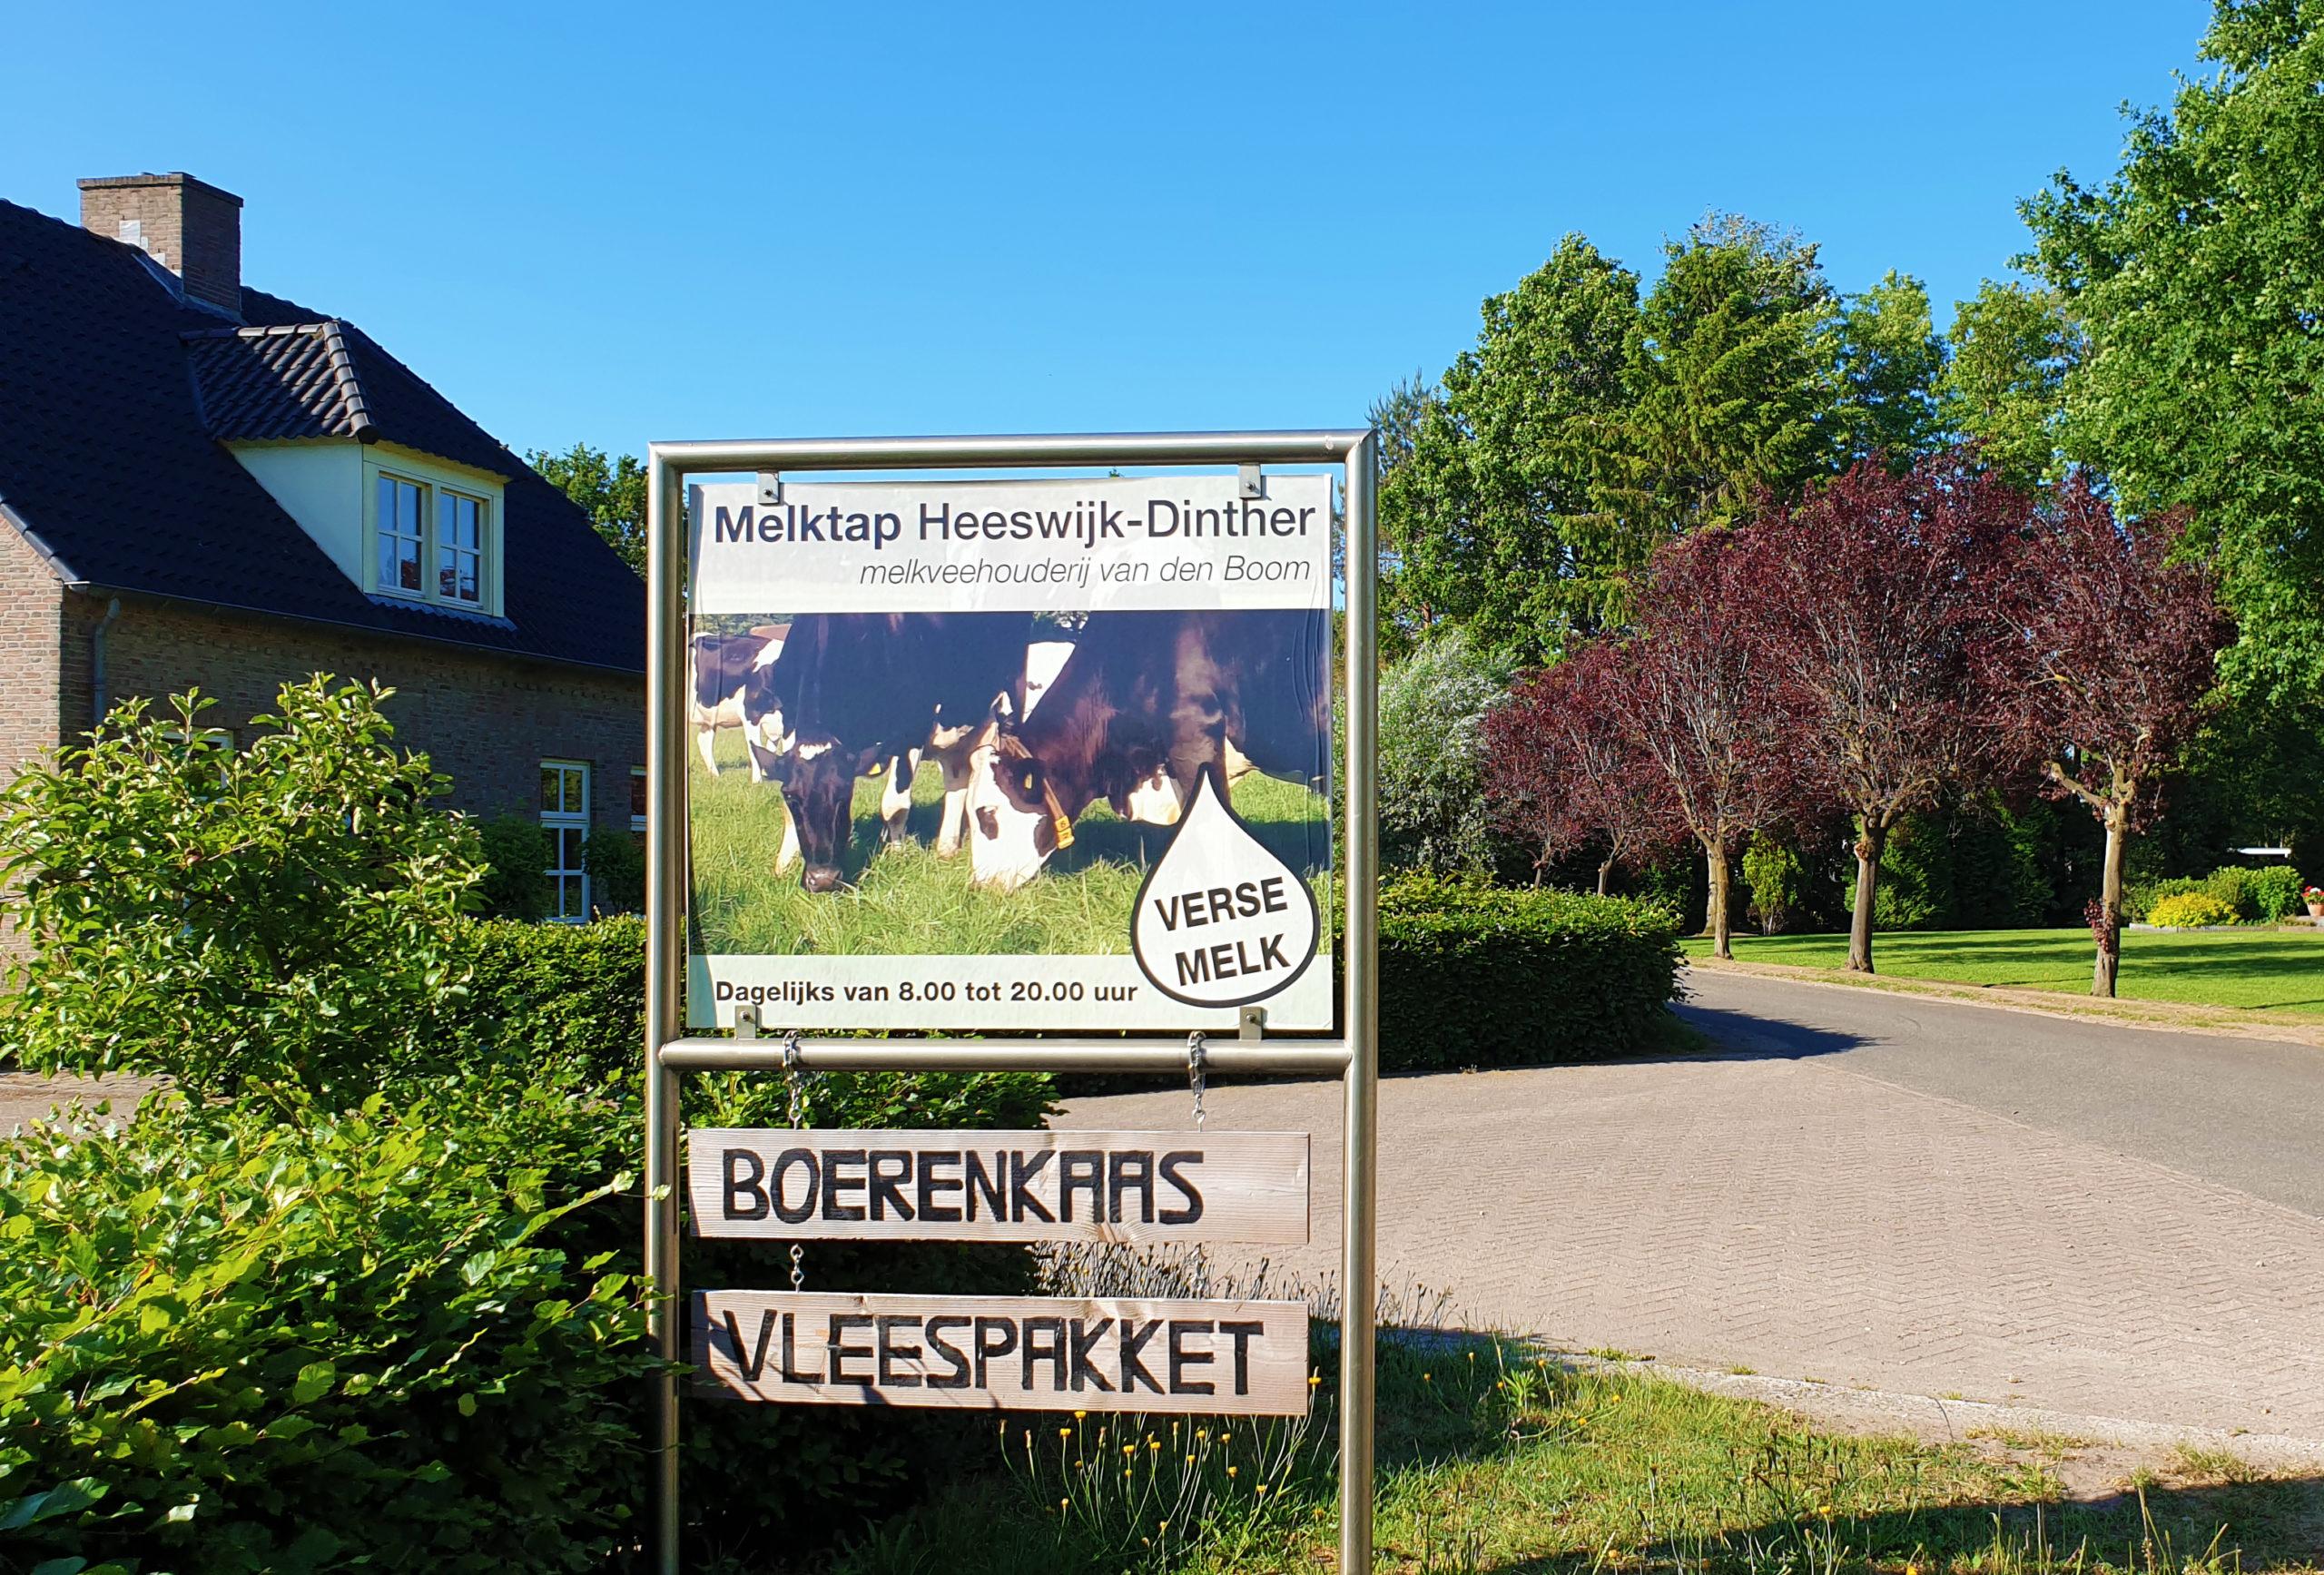 Ingang melktap Heeswijk dinther, verse melk en vers vlees voor weinig, eerlijk en gezond